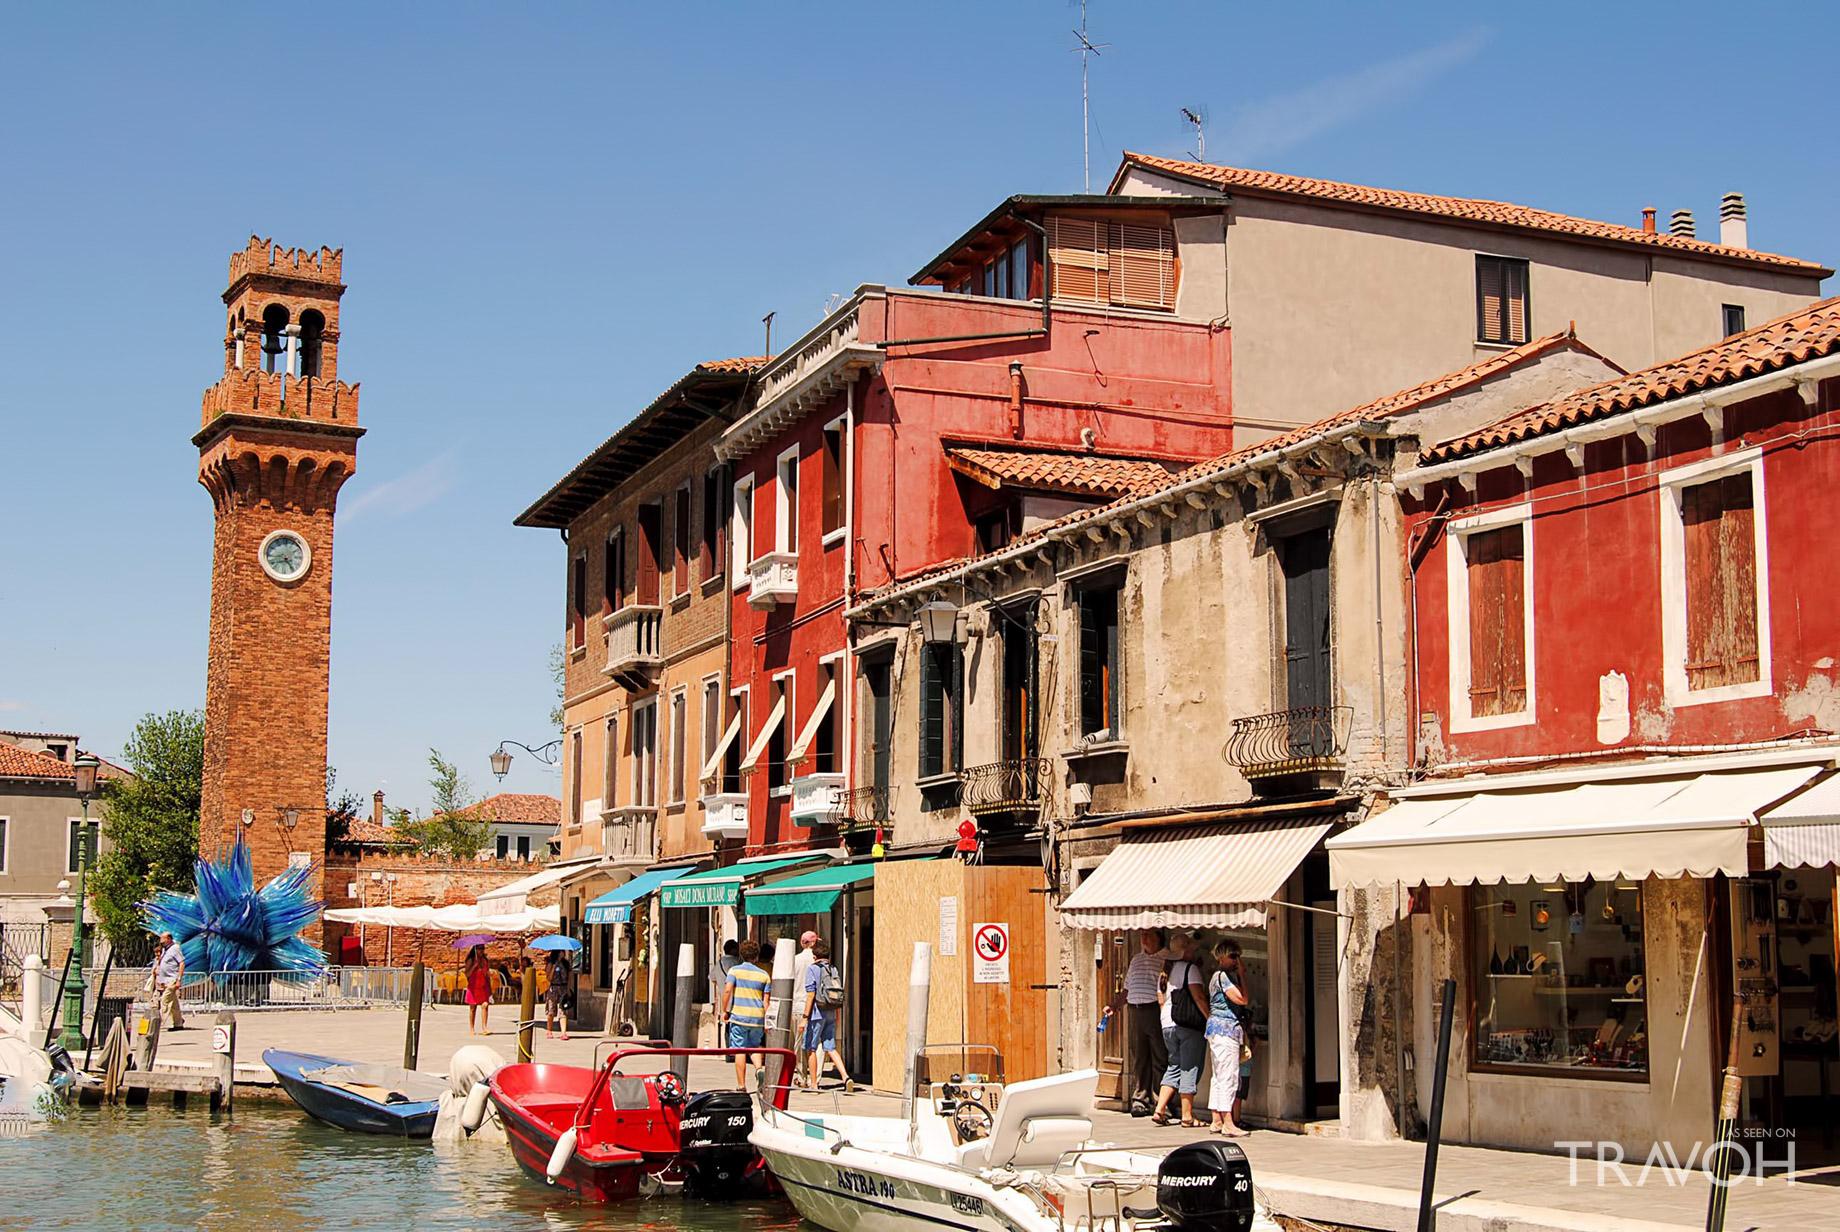 Murano Island - Venice, Italy